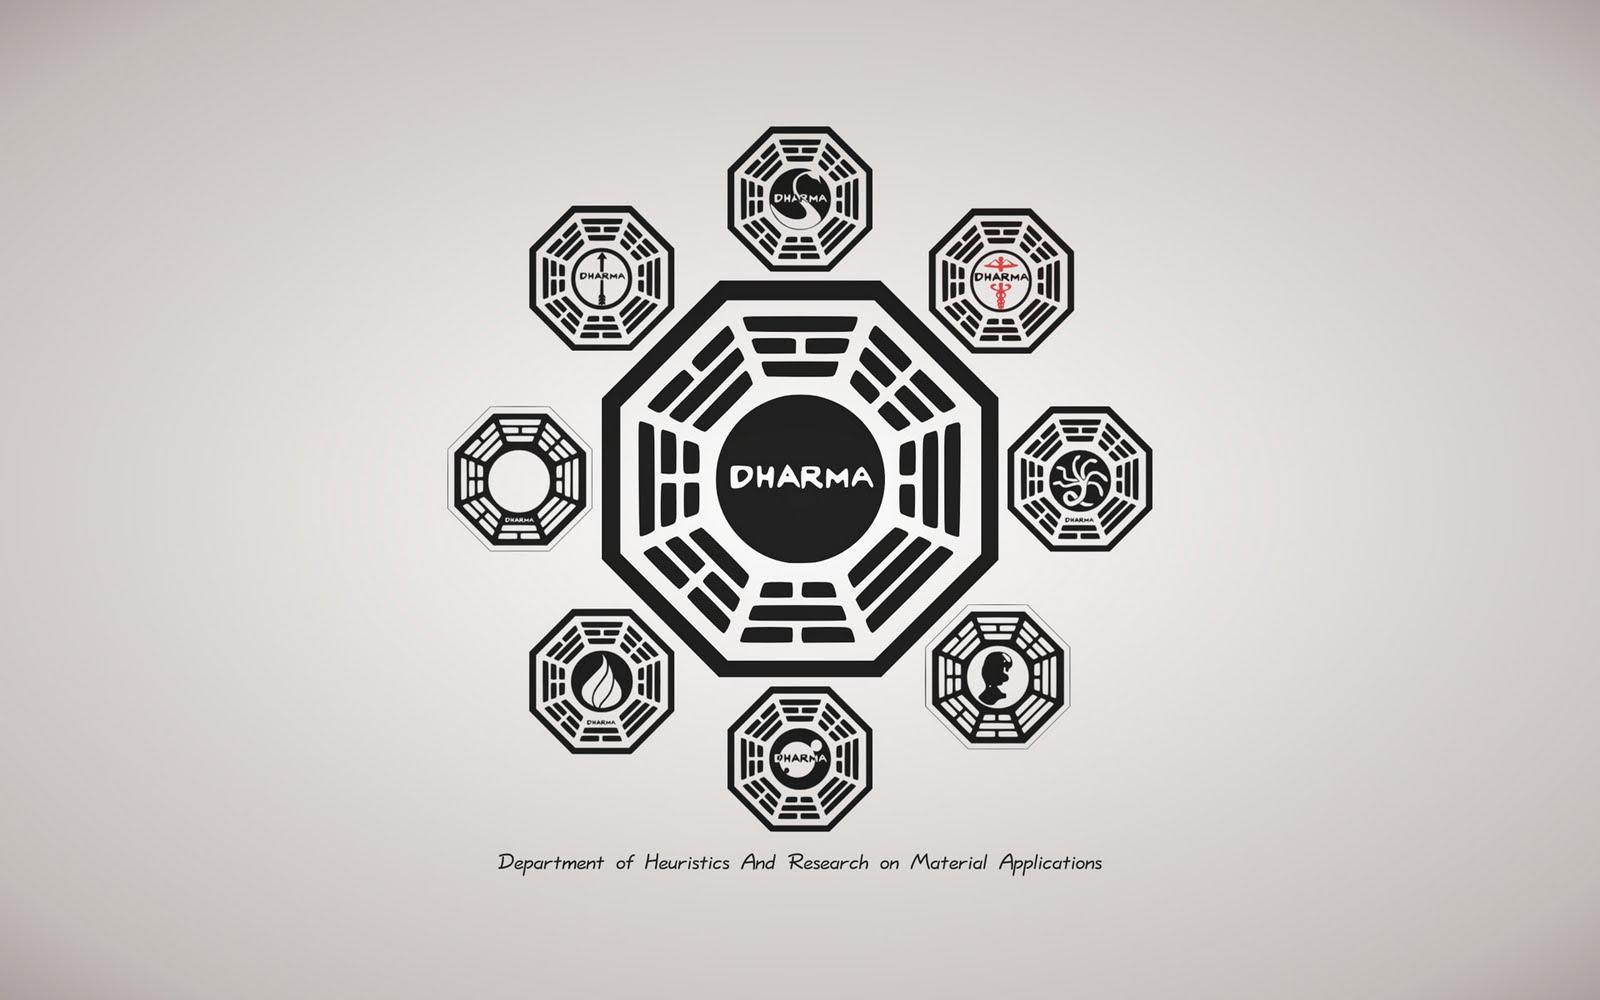 http://1.bp.blogspot.com/_mwlTEPHha2w/S__nfpXFoVI/AAAAAAAADZo/lJD-HvTuWuc/s1600/Dharma_Initiative_Wallpaper.jpg